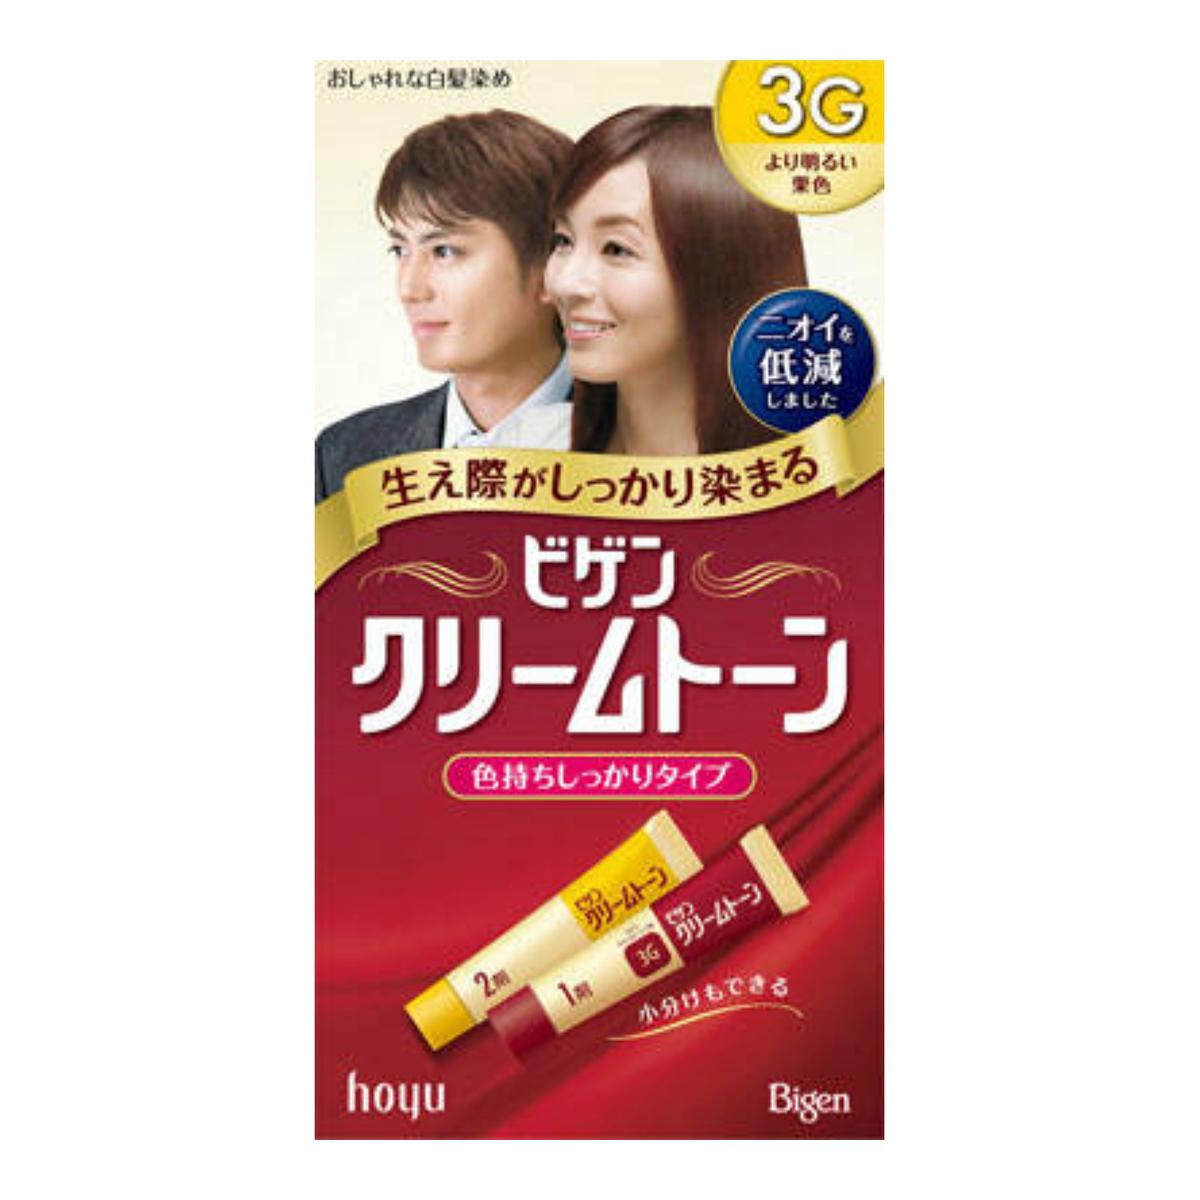 【送料無料】ホーユー ビゲン クリームトーン 3G×54点セット まとめ買い特価!ケース販売 ( 4987205080302 )